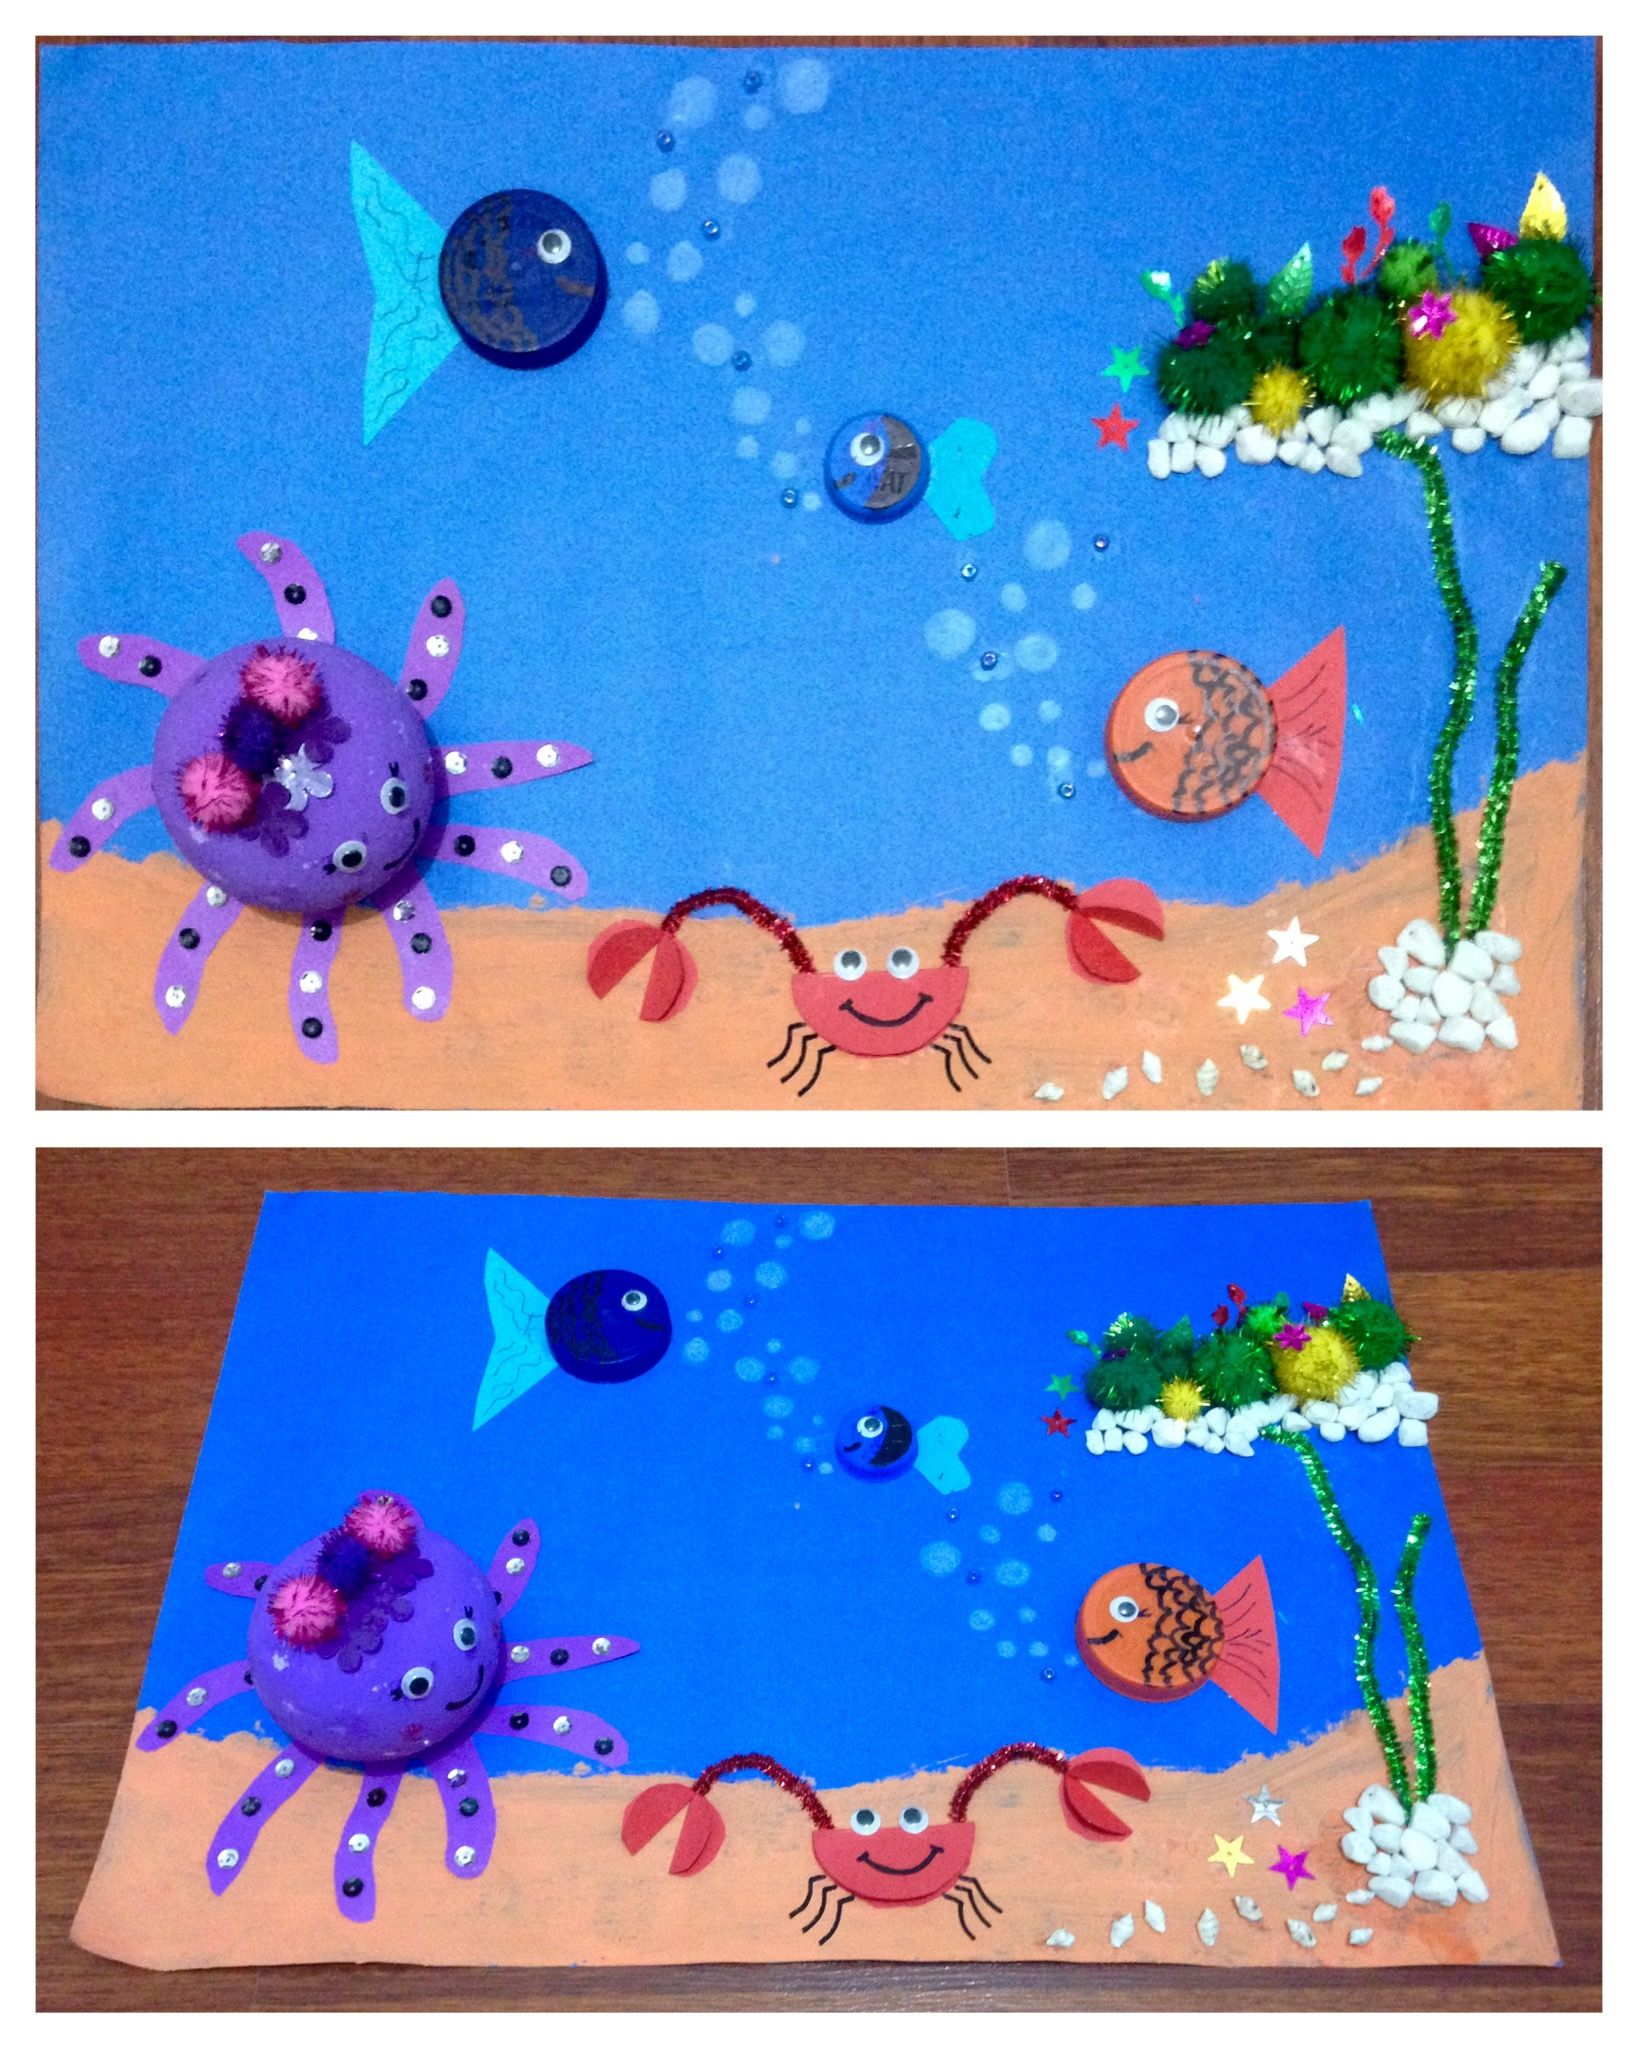 Okuloncesi Sanat Etkinlik Denizalti Ocean Sanat Etkinlikleri